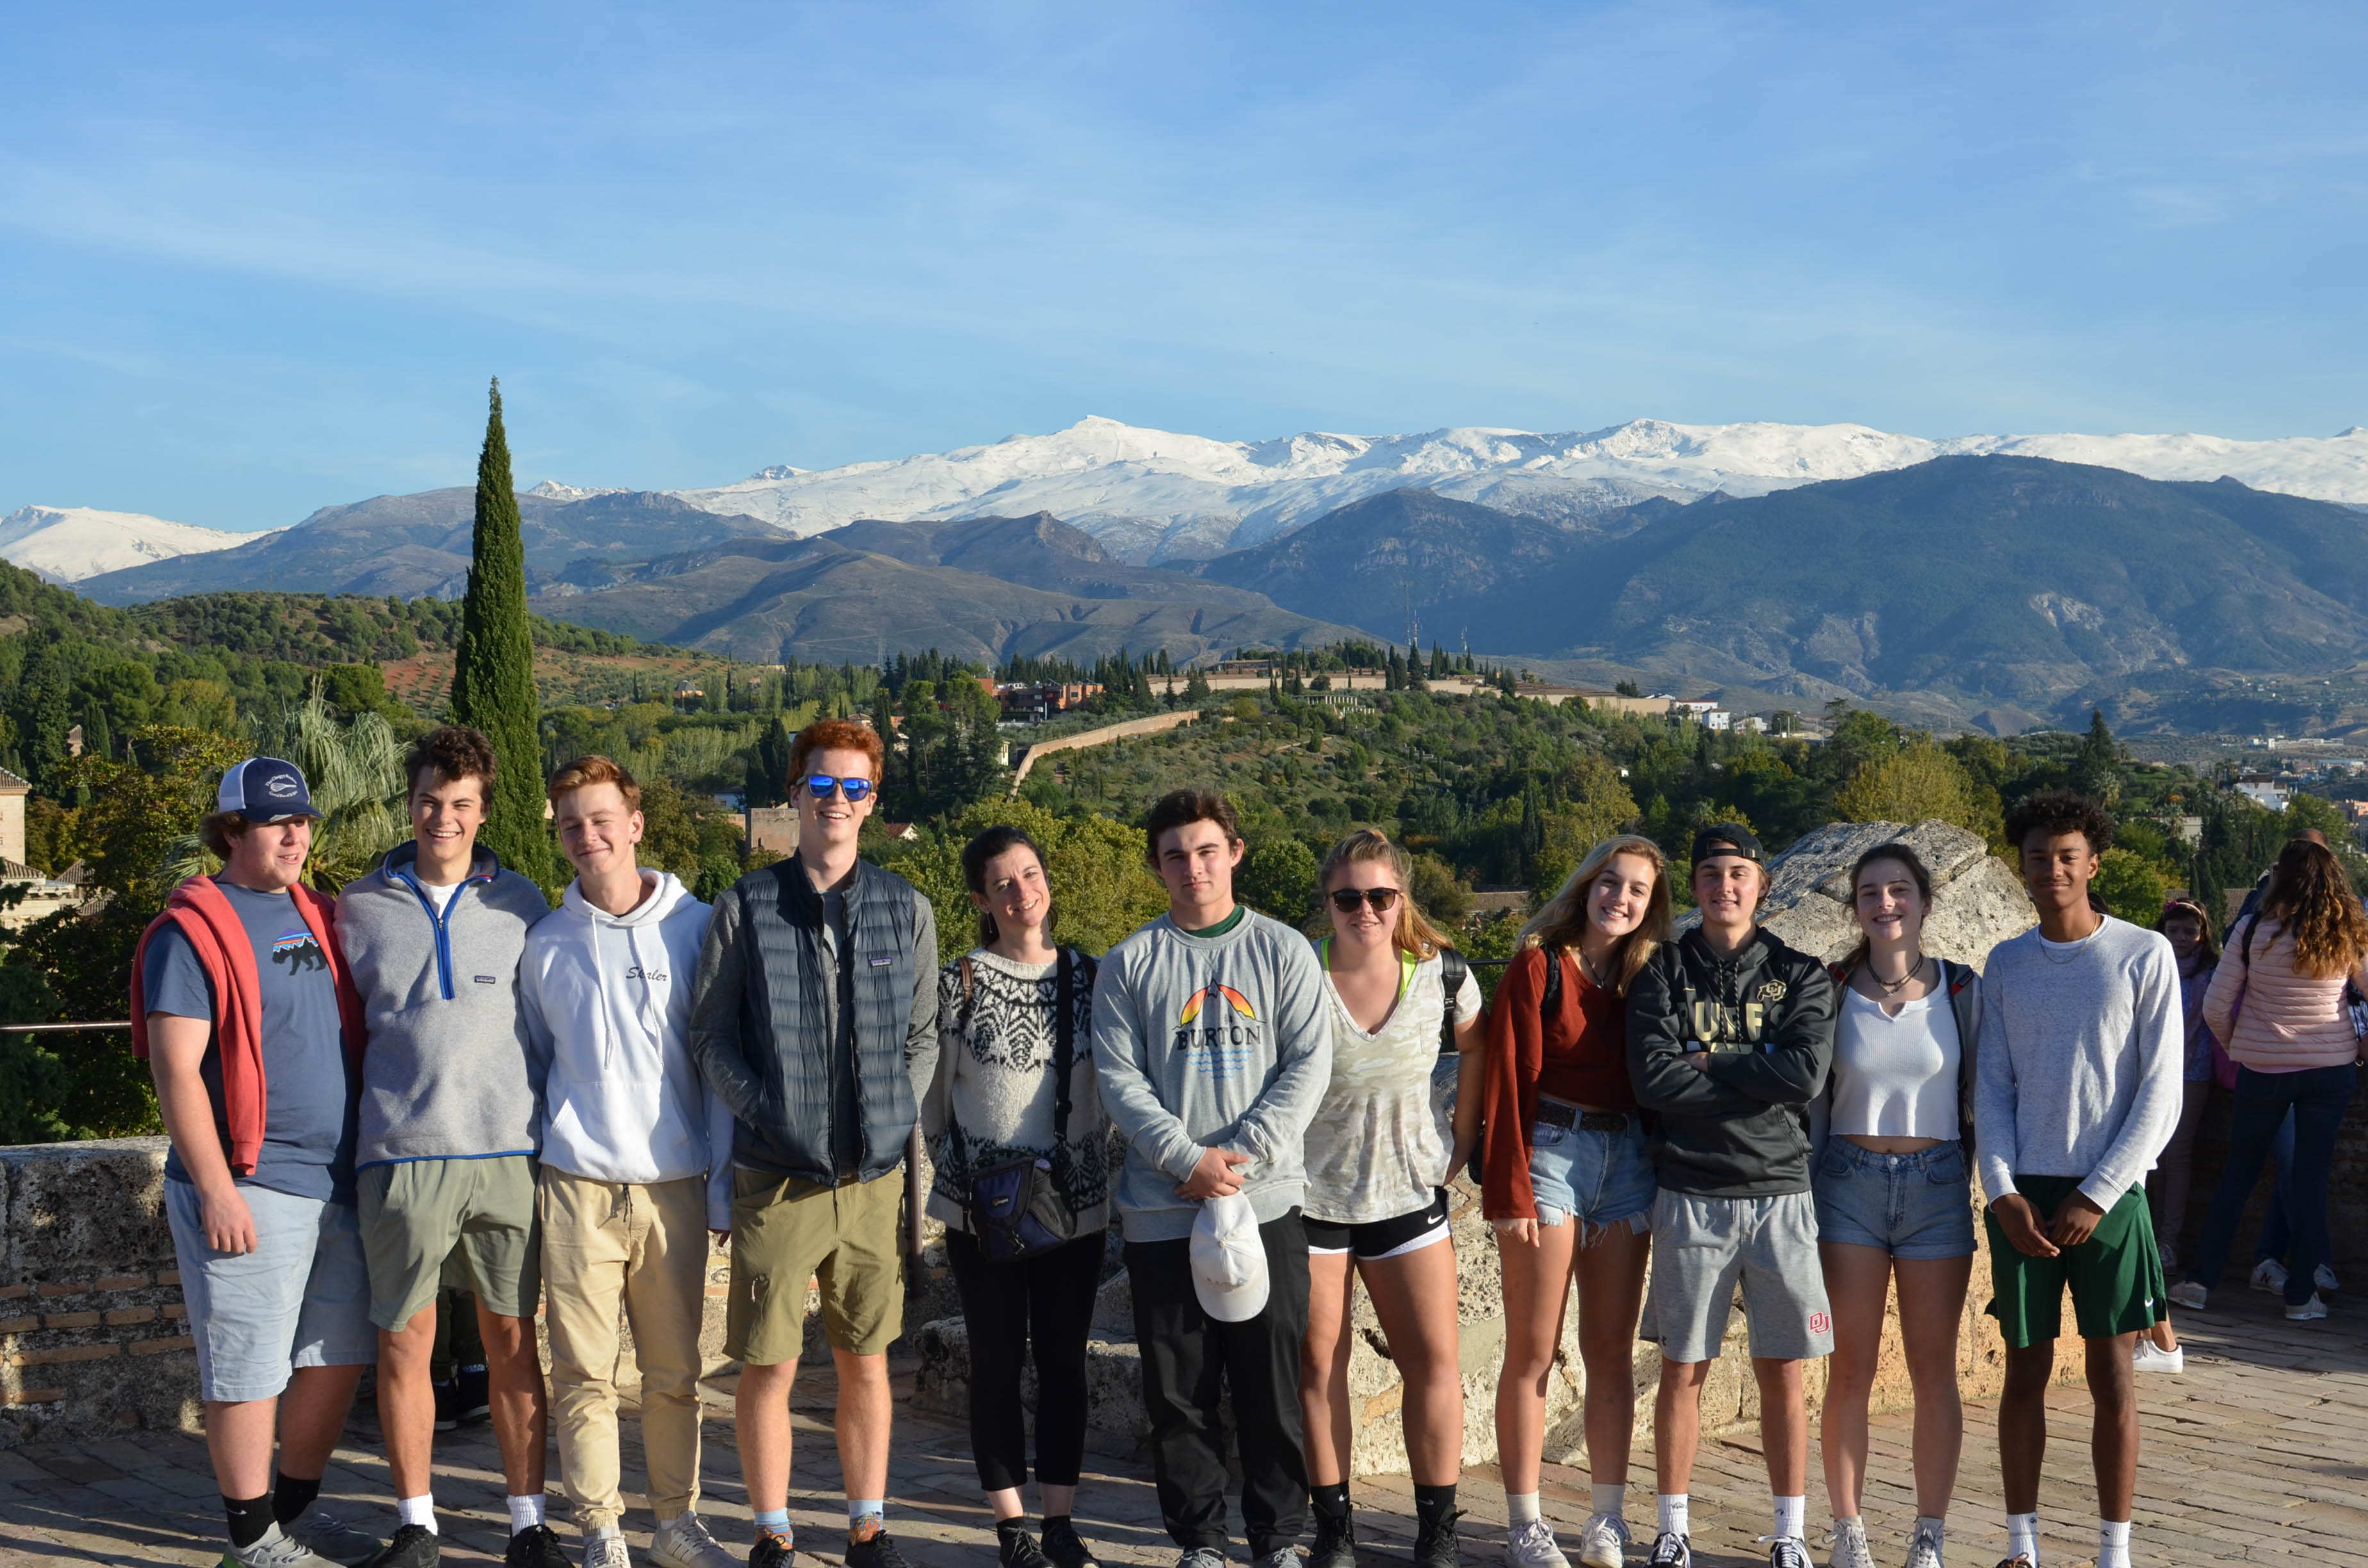 Proctor Academy Boarding School Off-Campus Programs